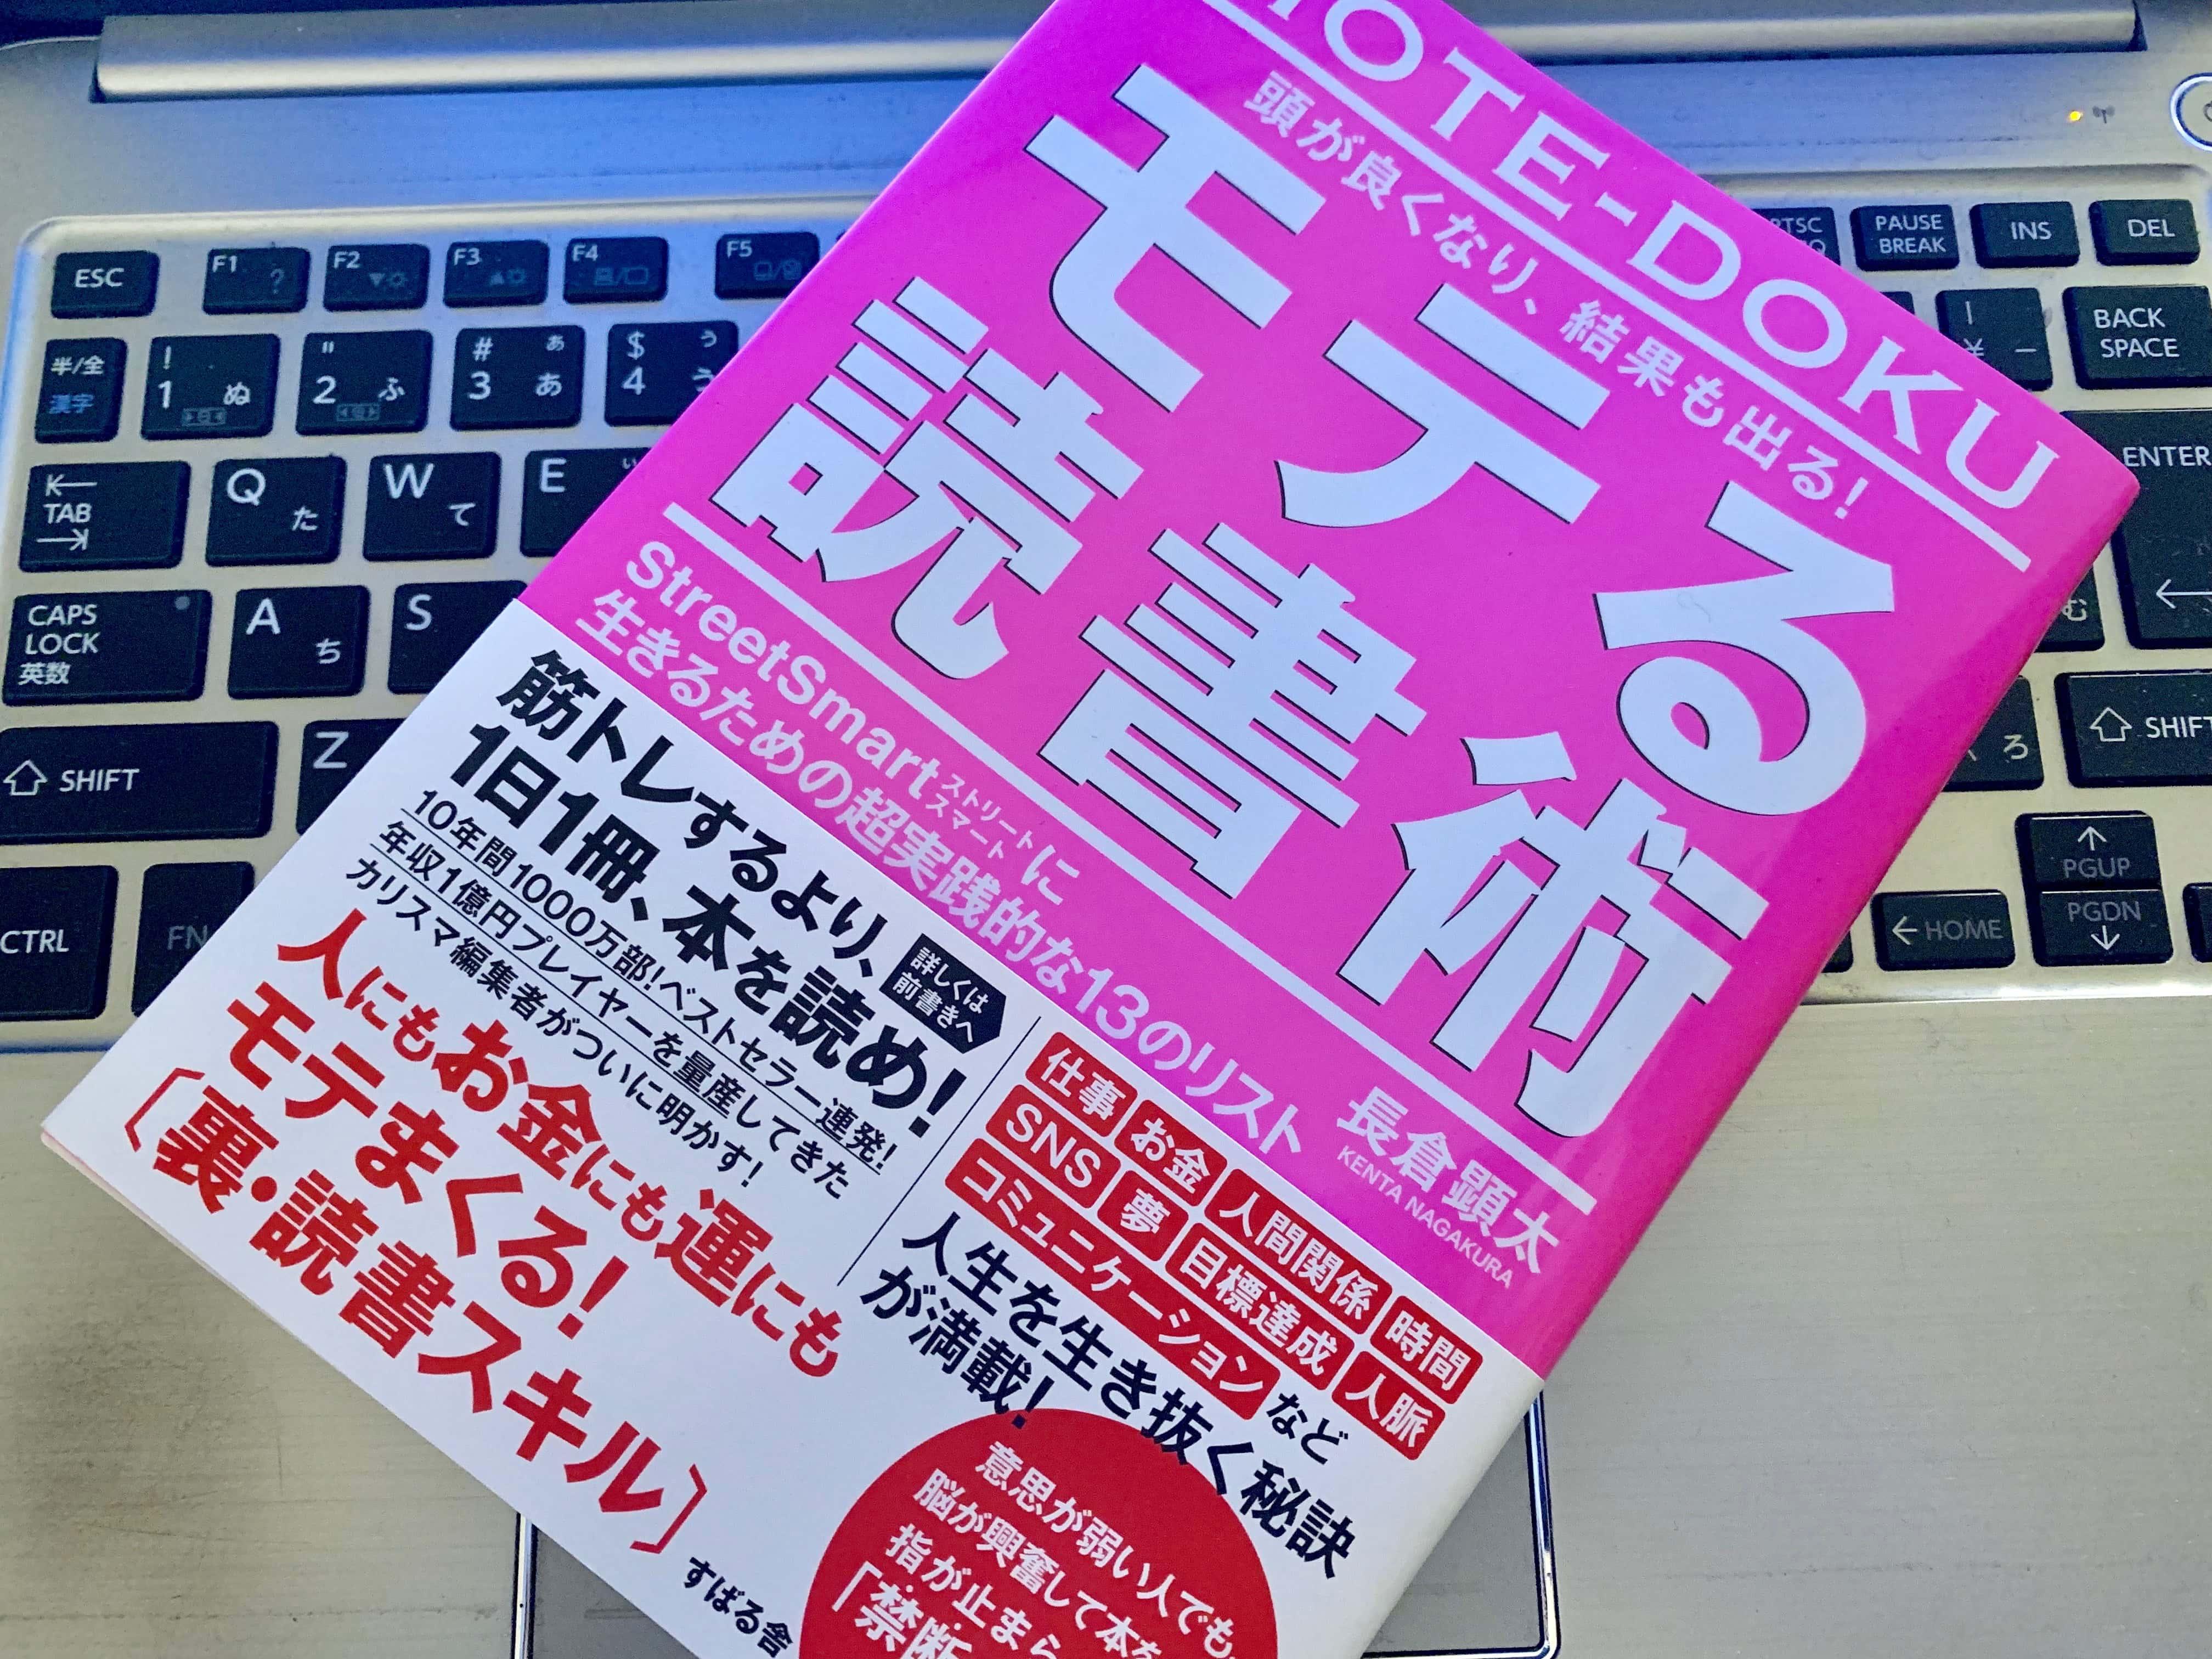 『モテる読書術』(長倉 顕太)の感想 ビジネスマンが読んでレビュー【書評】